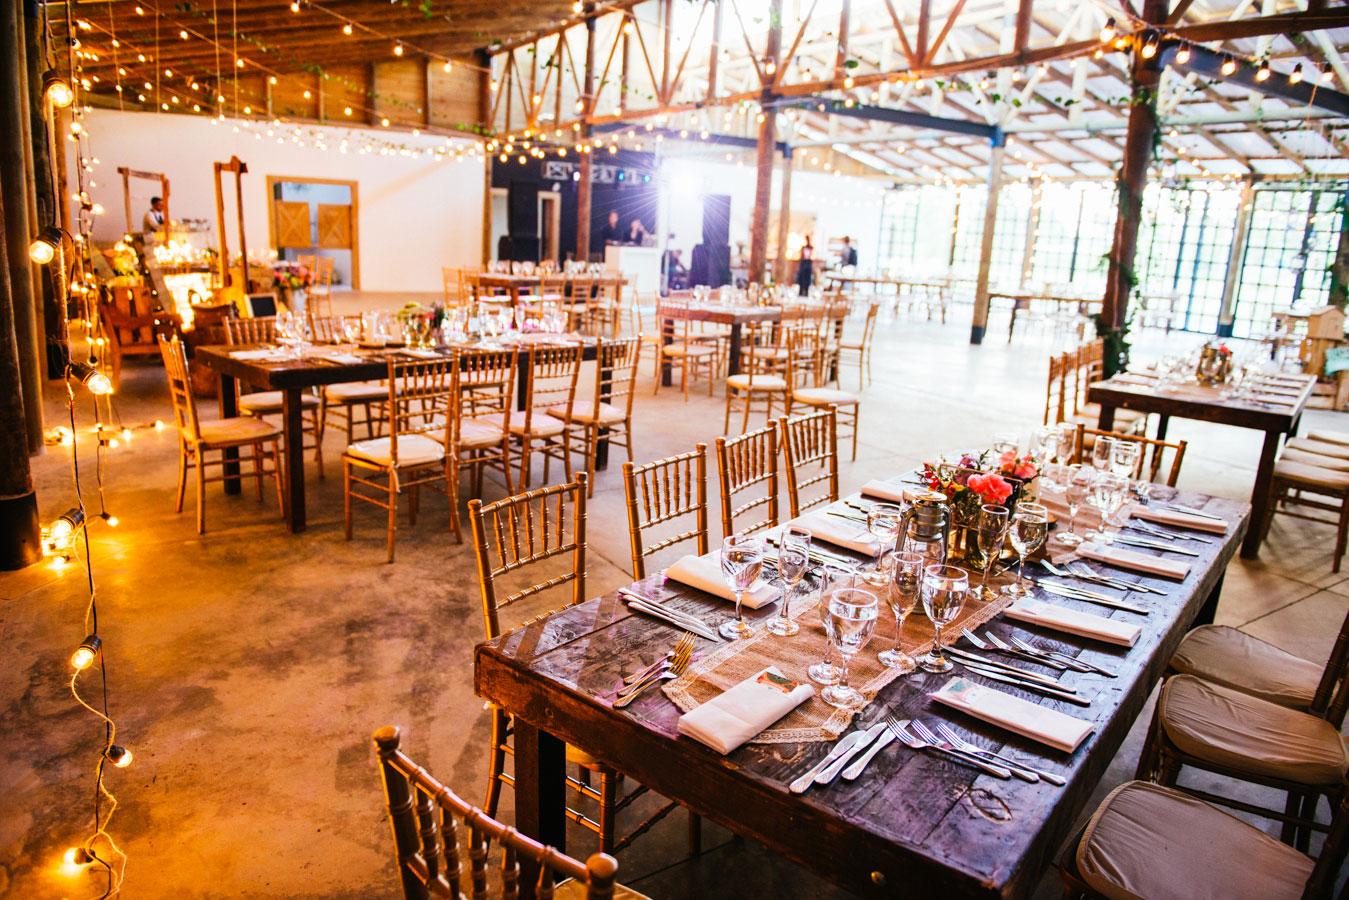 Fotografía de bodas Colombia Medellín Zona E Establo Casa Balí Green House Llano grande Bogotá Cartagena Colombia Juan Camilo Mendez Photography Cami Mendez